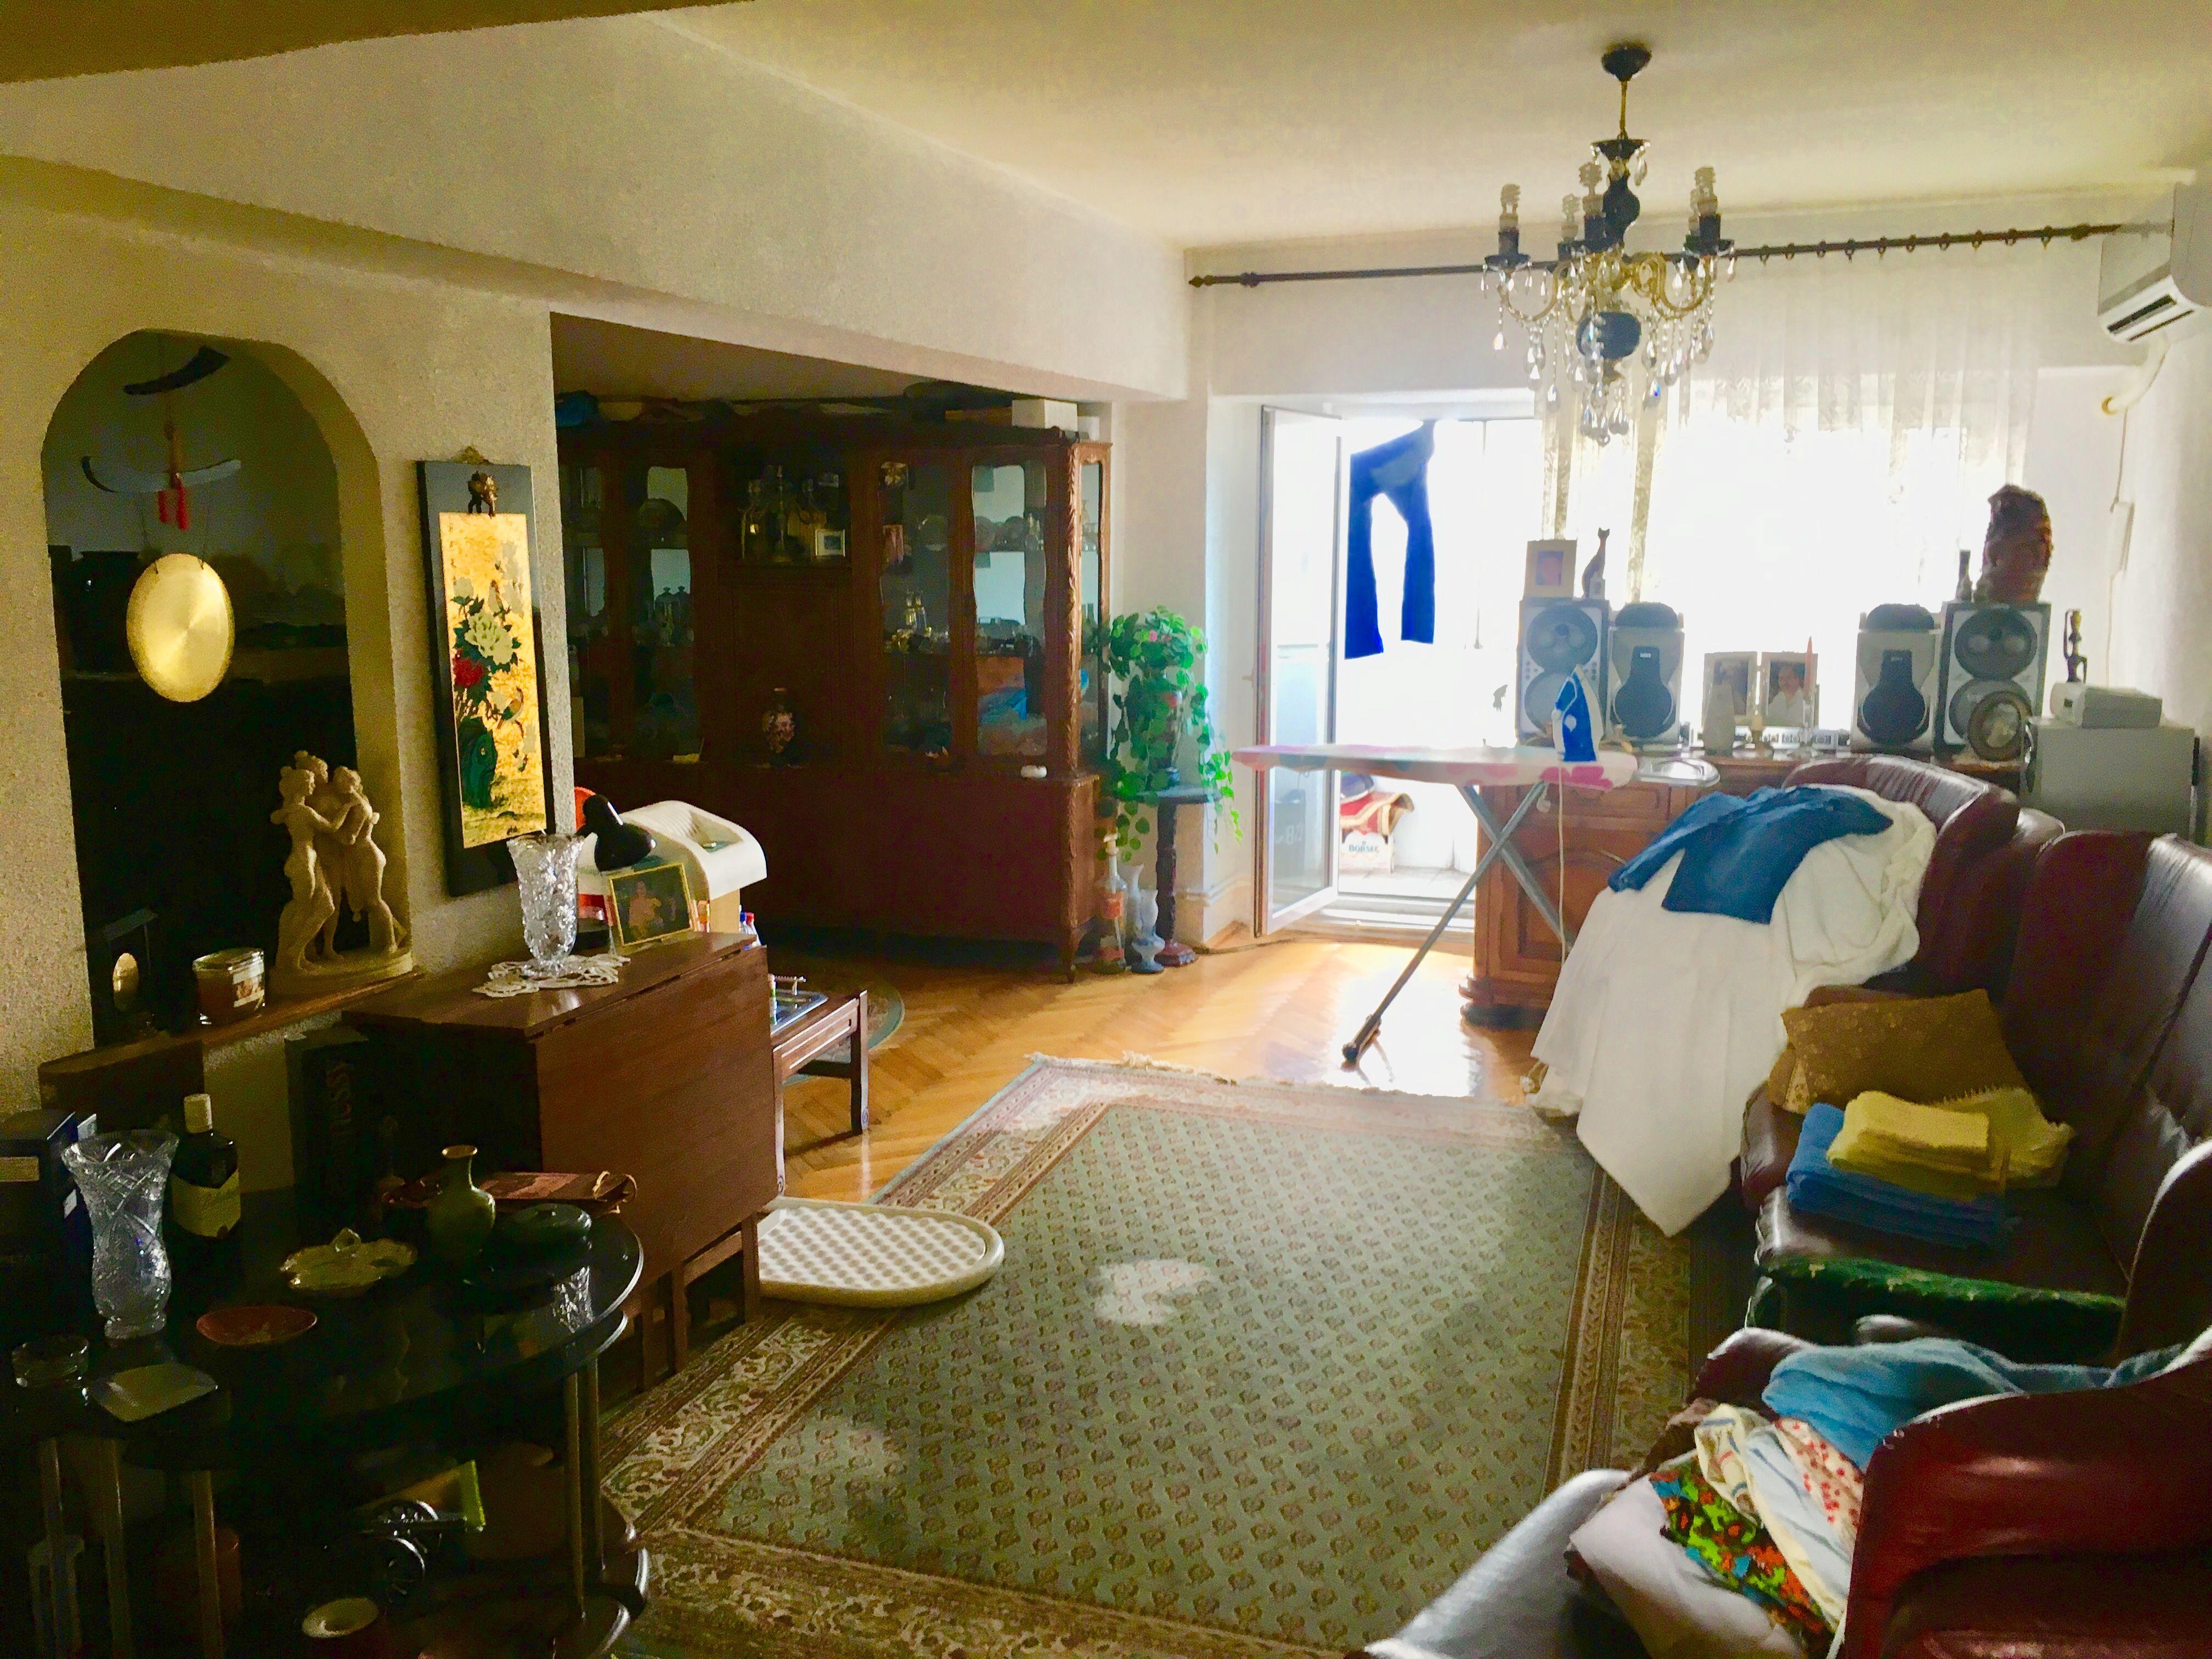 Vanzare Apartament 4 camere - TROCADERO, Constanta